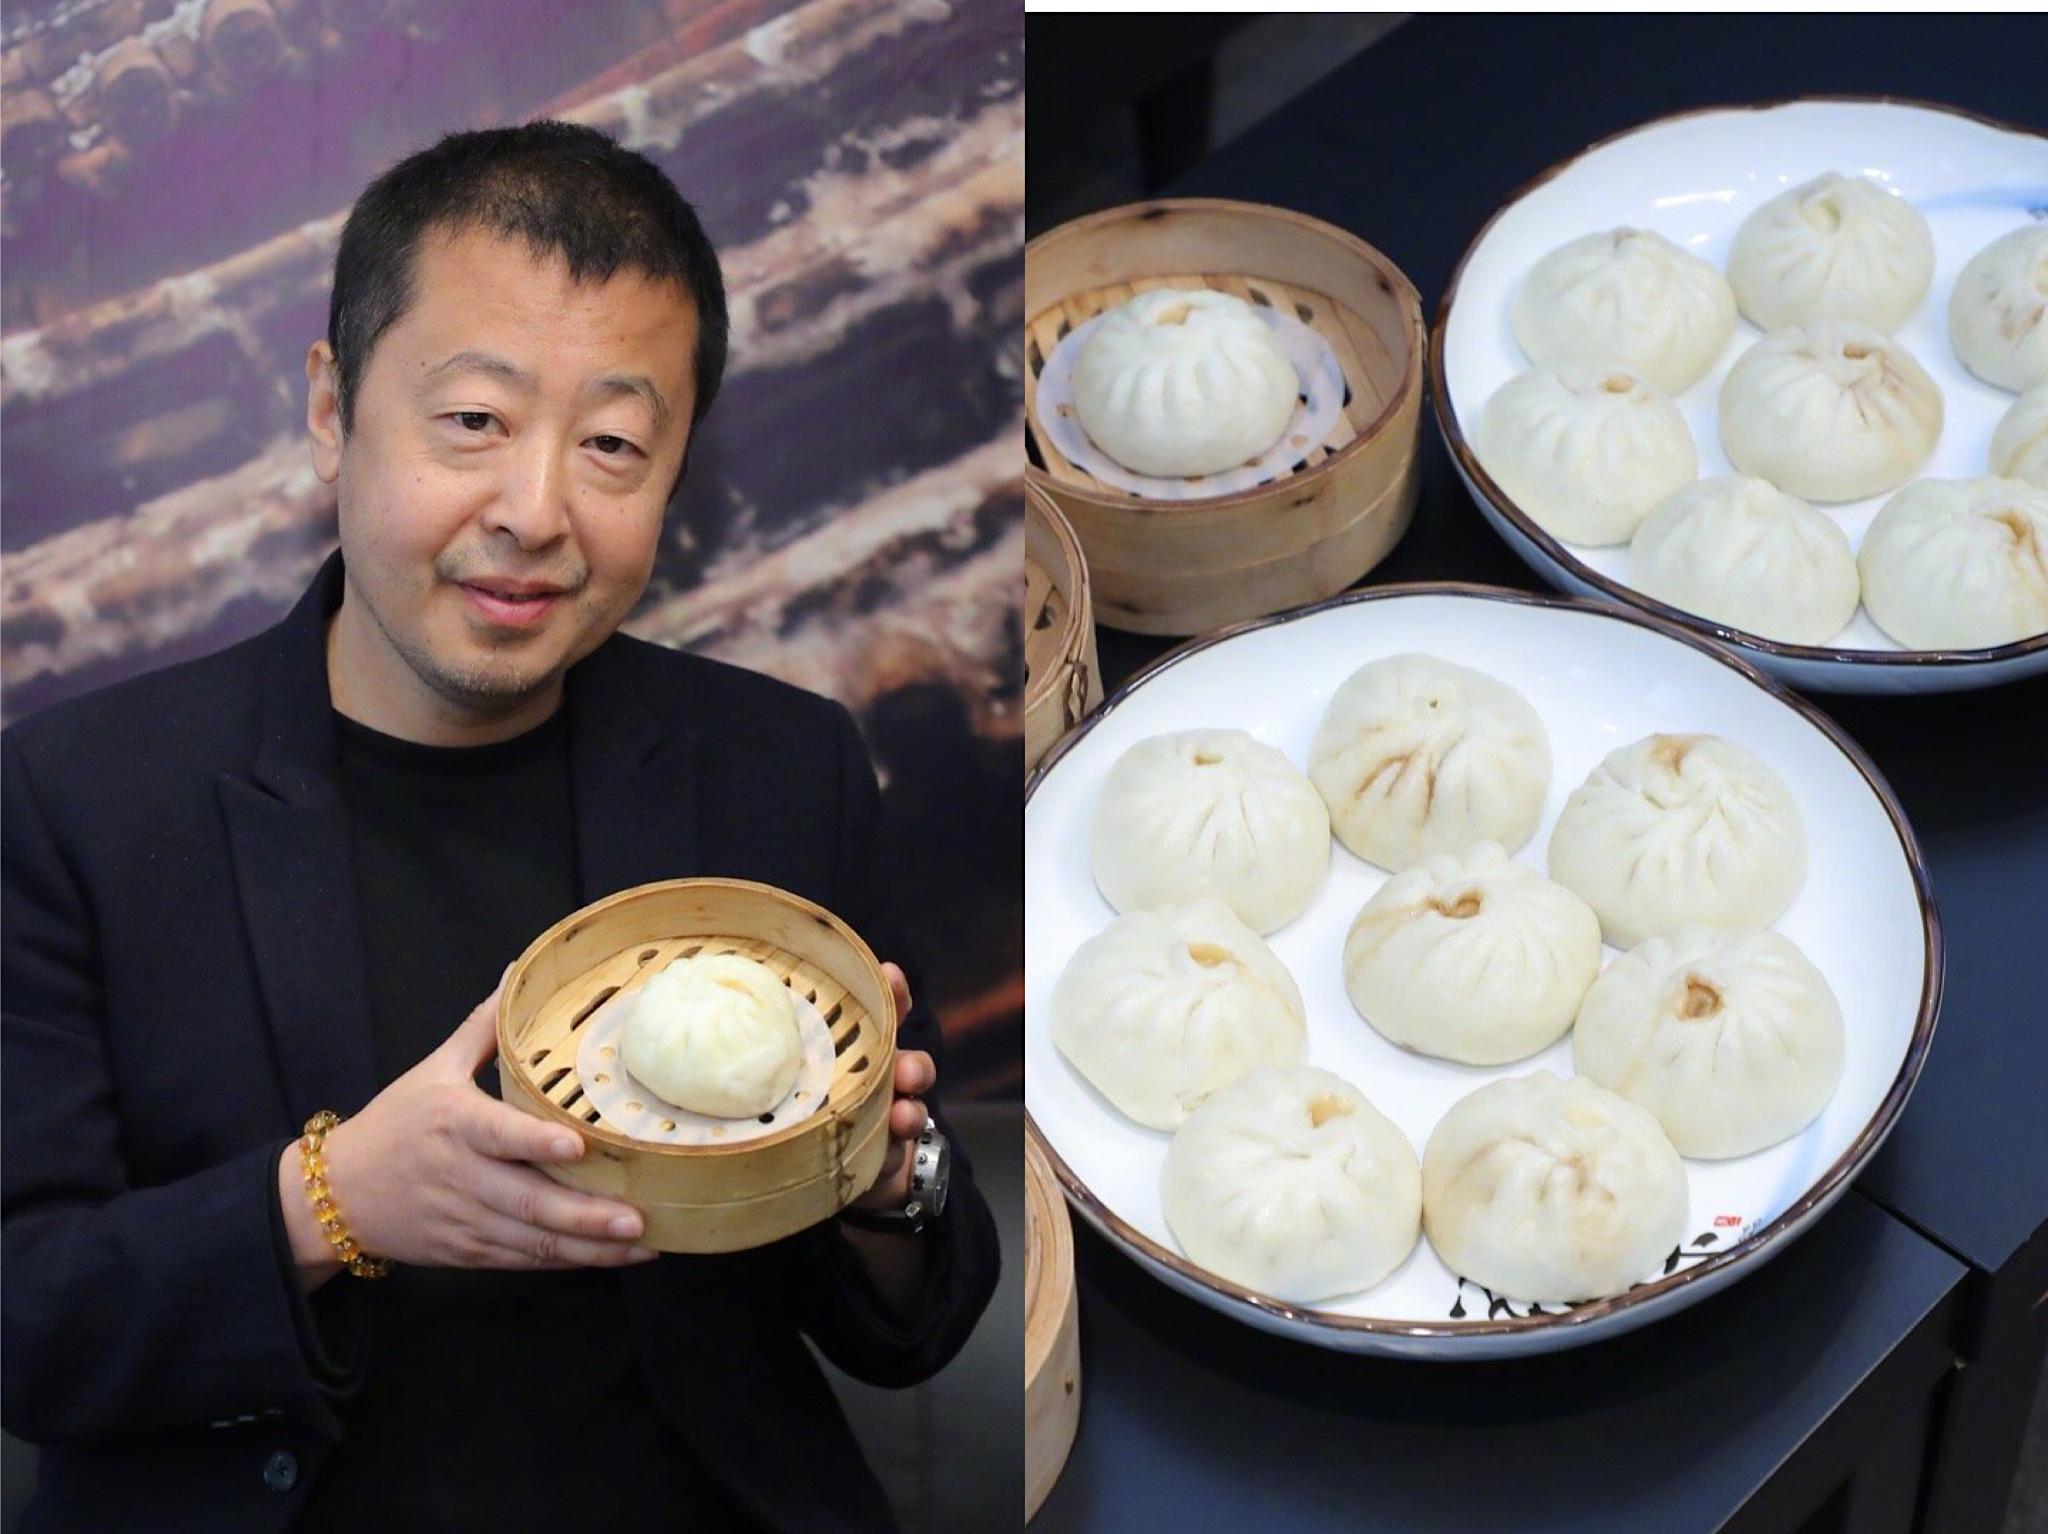 好吃│平遥电影节正在进行 看看这些北京吃晋菜